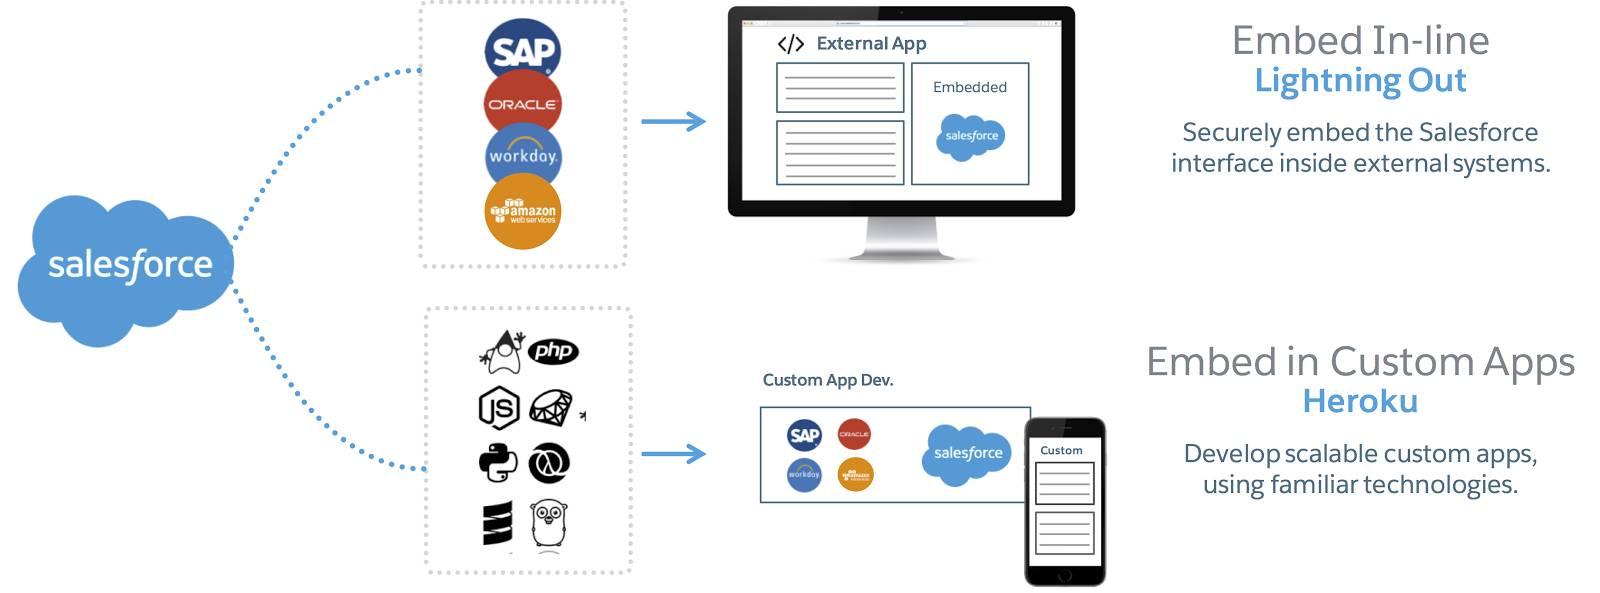 Infografik mit dem Datenfluss von Salesforce nach Lightning Out, was Ihnen die Inline-Einbindung ermöglicht, und nach Heroku, was Ihnen die Einbindung in benutzerdefinierte Anwendungen ermöglicht.